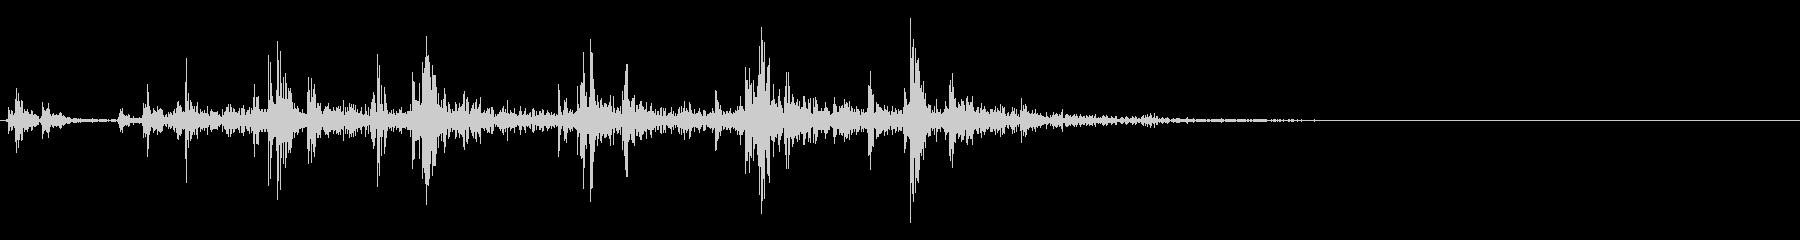 【生録音】ルービックキューブの操作音 3の未再生の波形